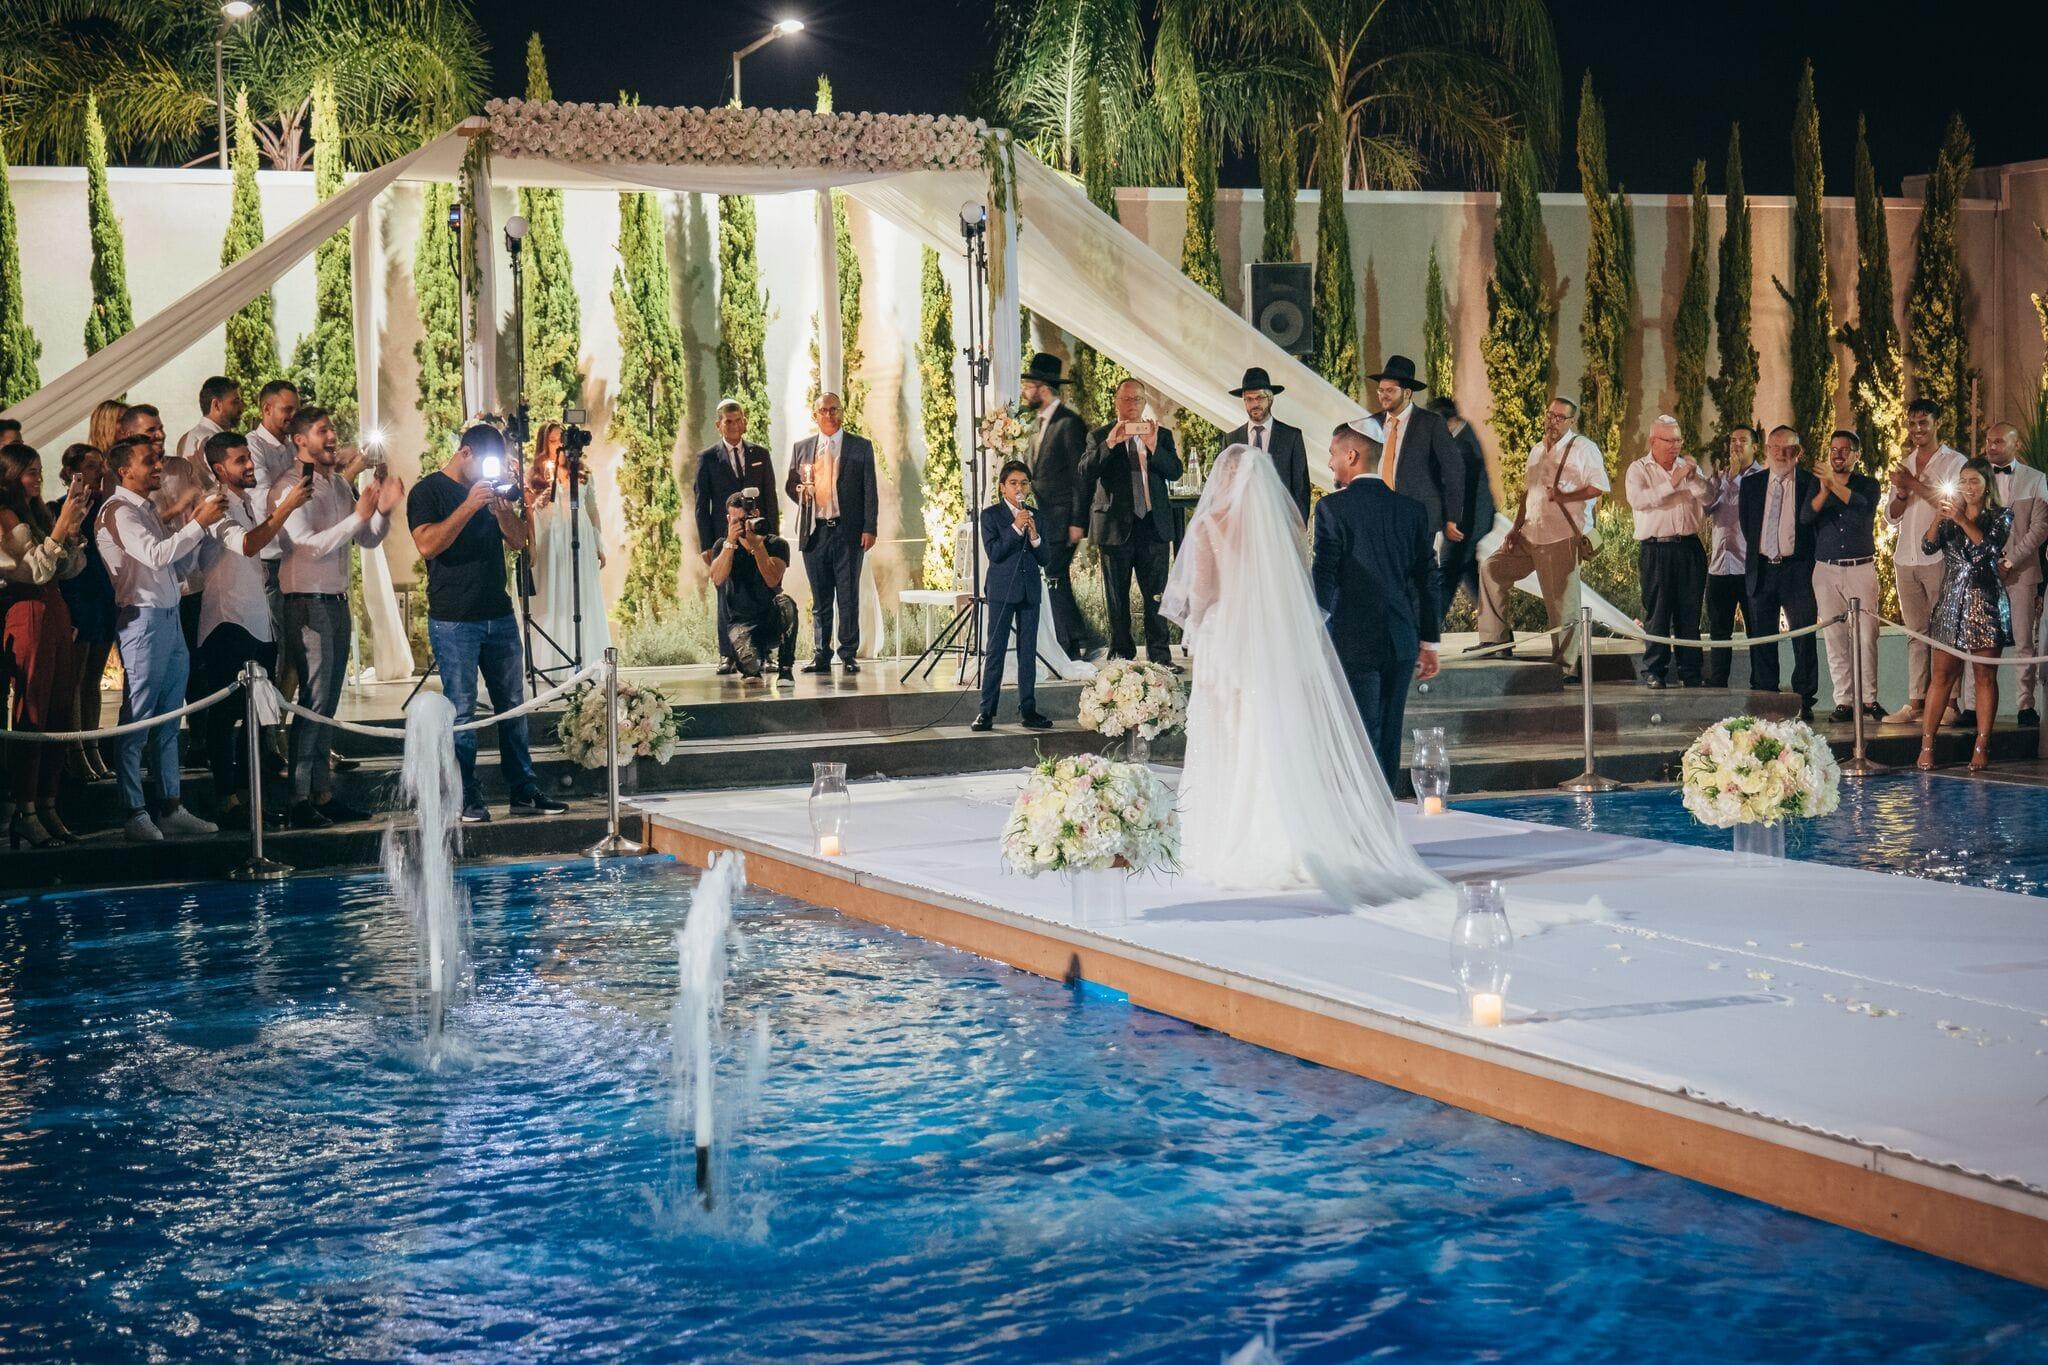 סייב דה דייט! רשימת תאריכים מגניבים לחתונה